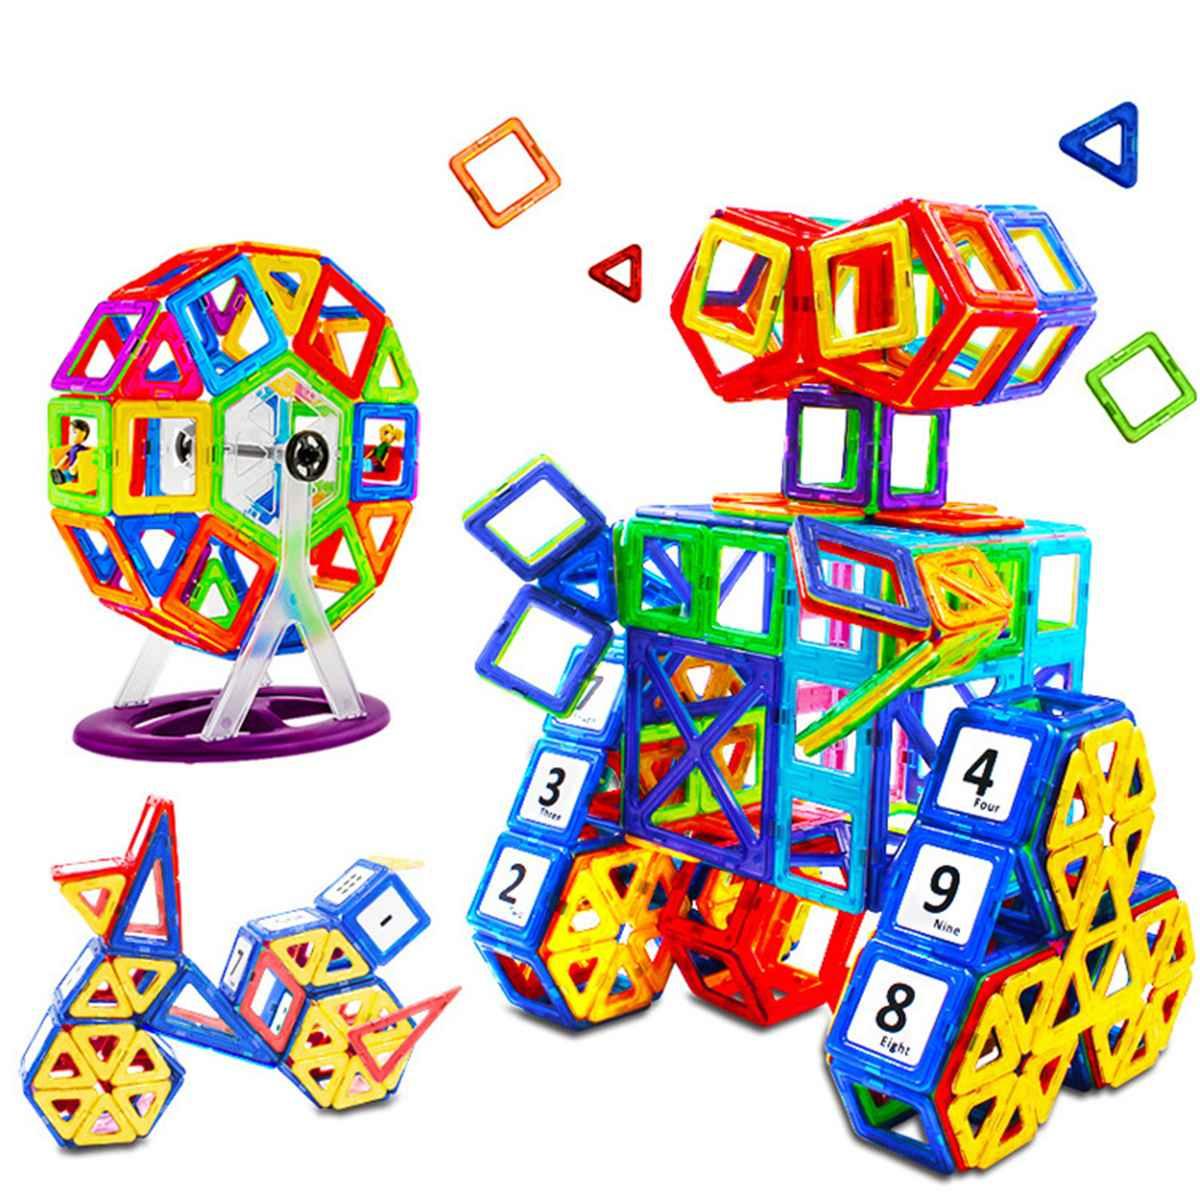 100% Kwaliteit 217 Pcs Diy 3d Bricks Magnetische Bouwstenen Speelgoed Tegels Kids Kinderen Intelligentie Educatief Speelgoed Set Gift Modellen Building Kit